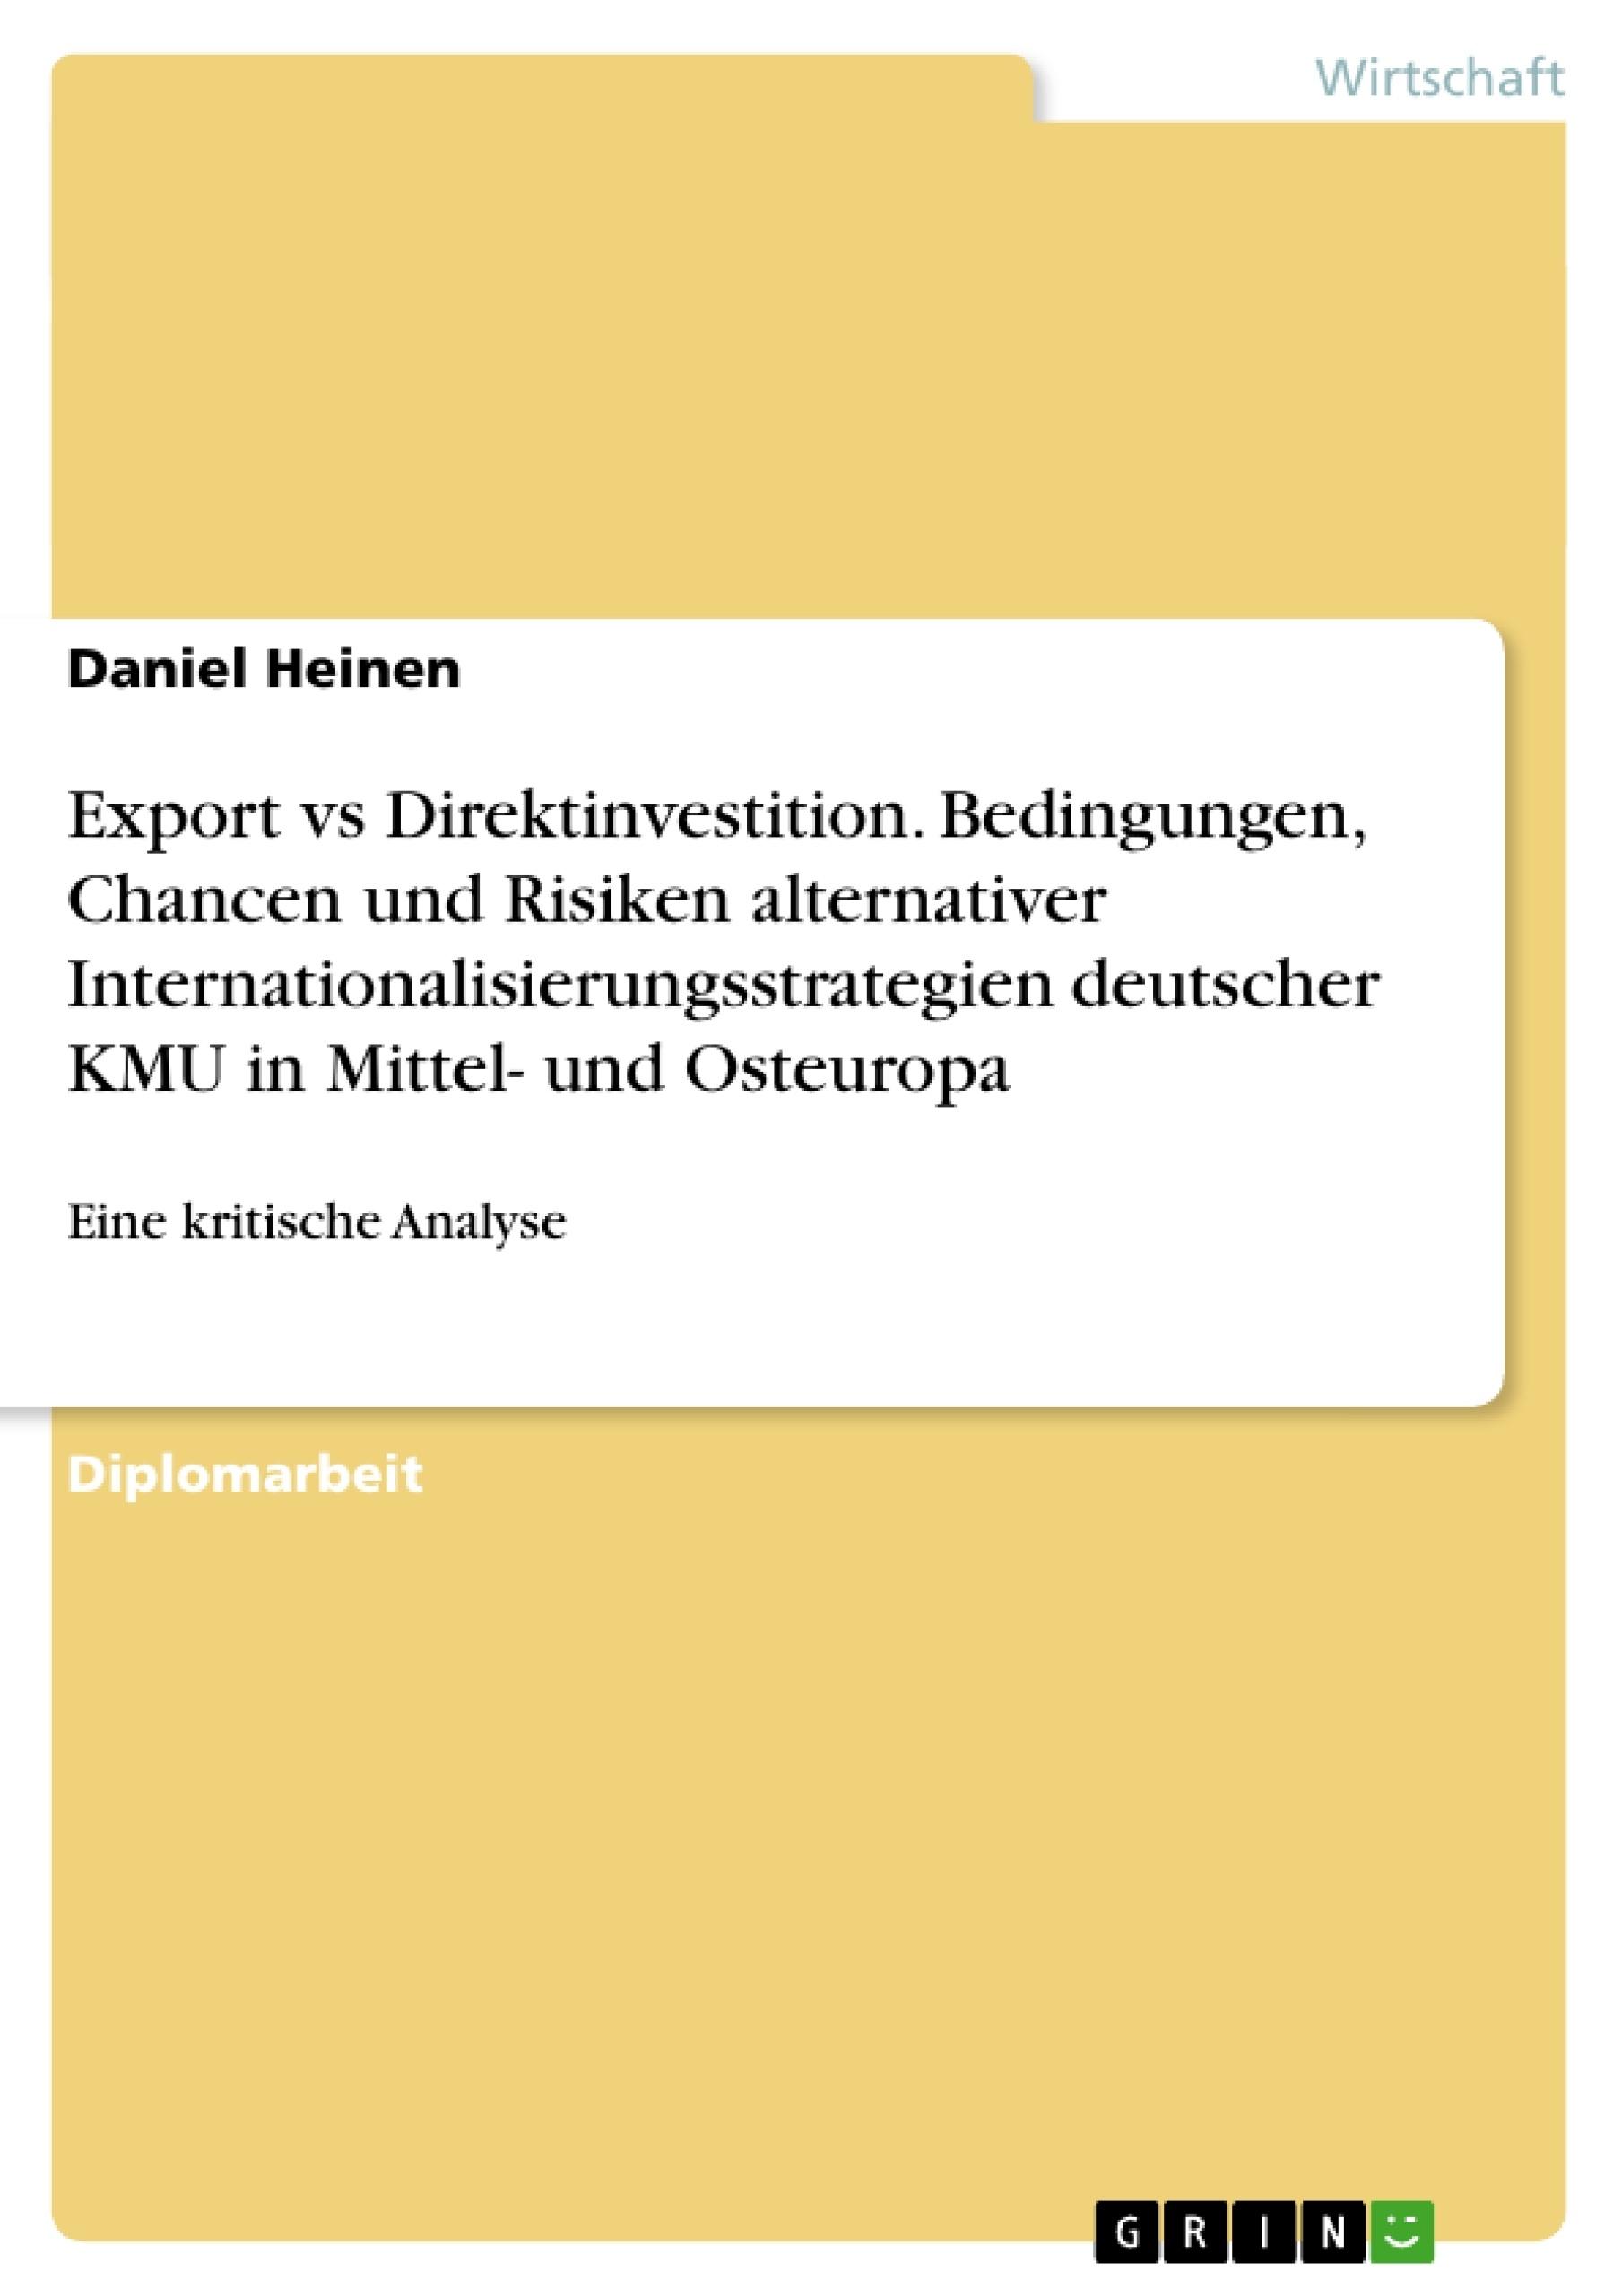 Titel: Export vs Direktinvestition. Bedingungen, Chancen und Risiken alternativer Internationalisierungsstrategien deutscher KMU in Mittel- und Osteuropa